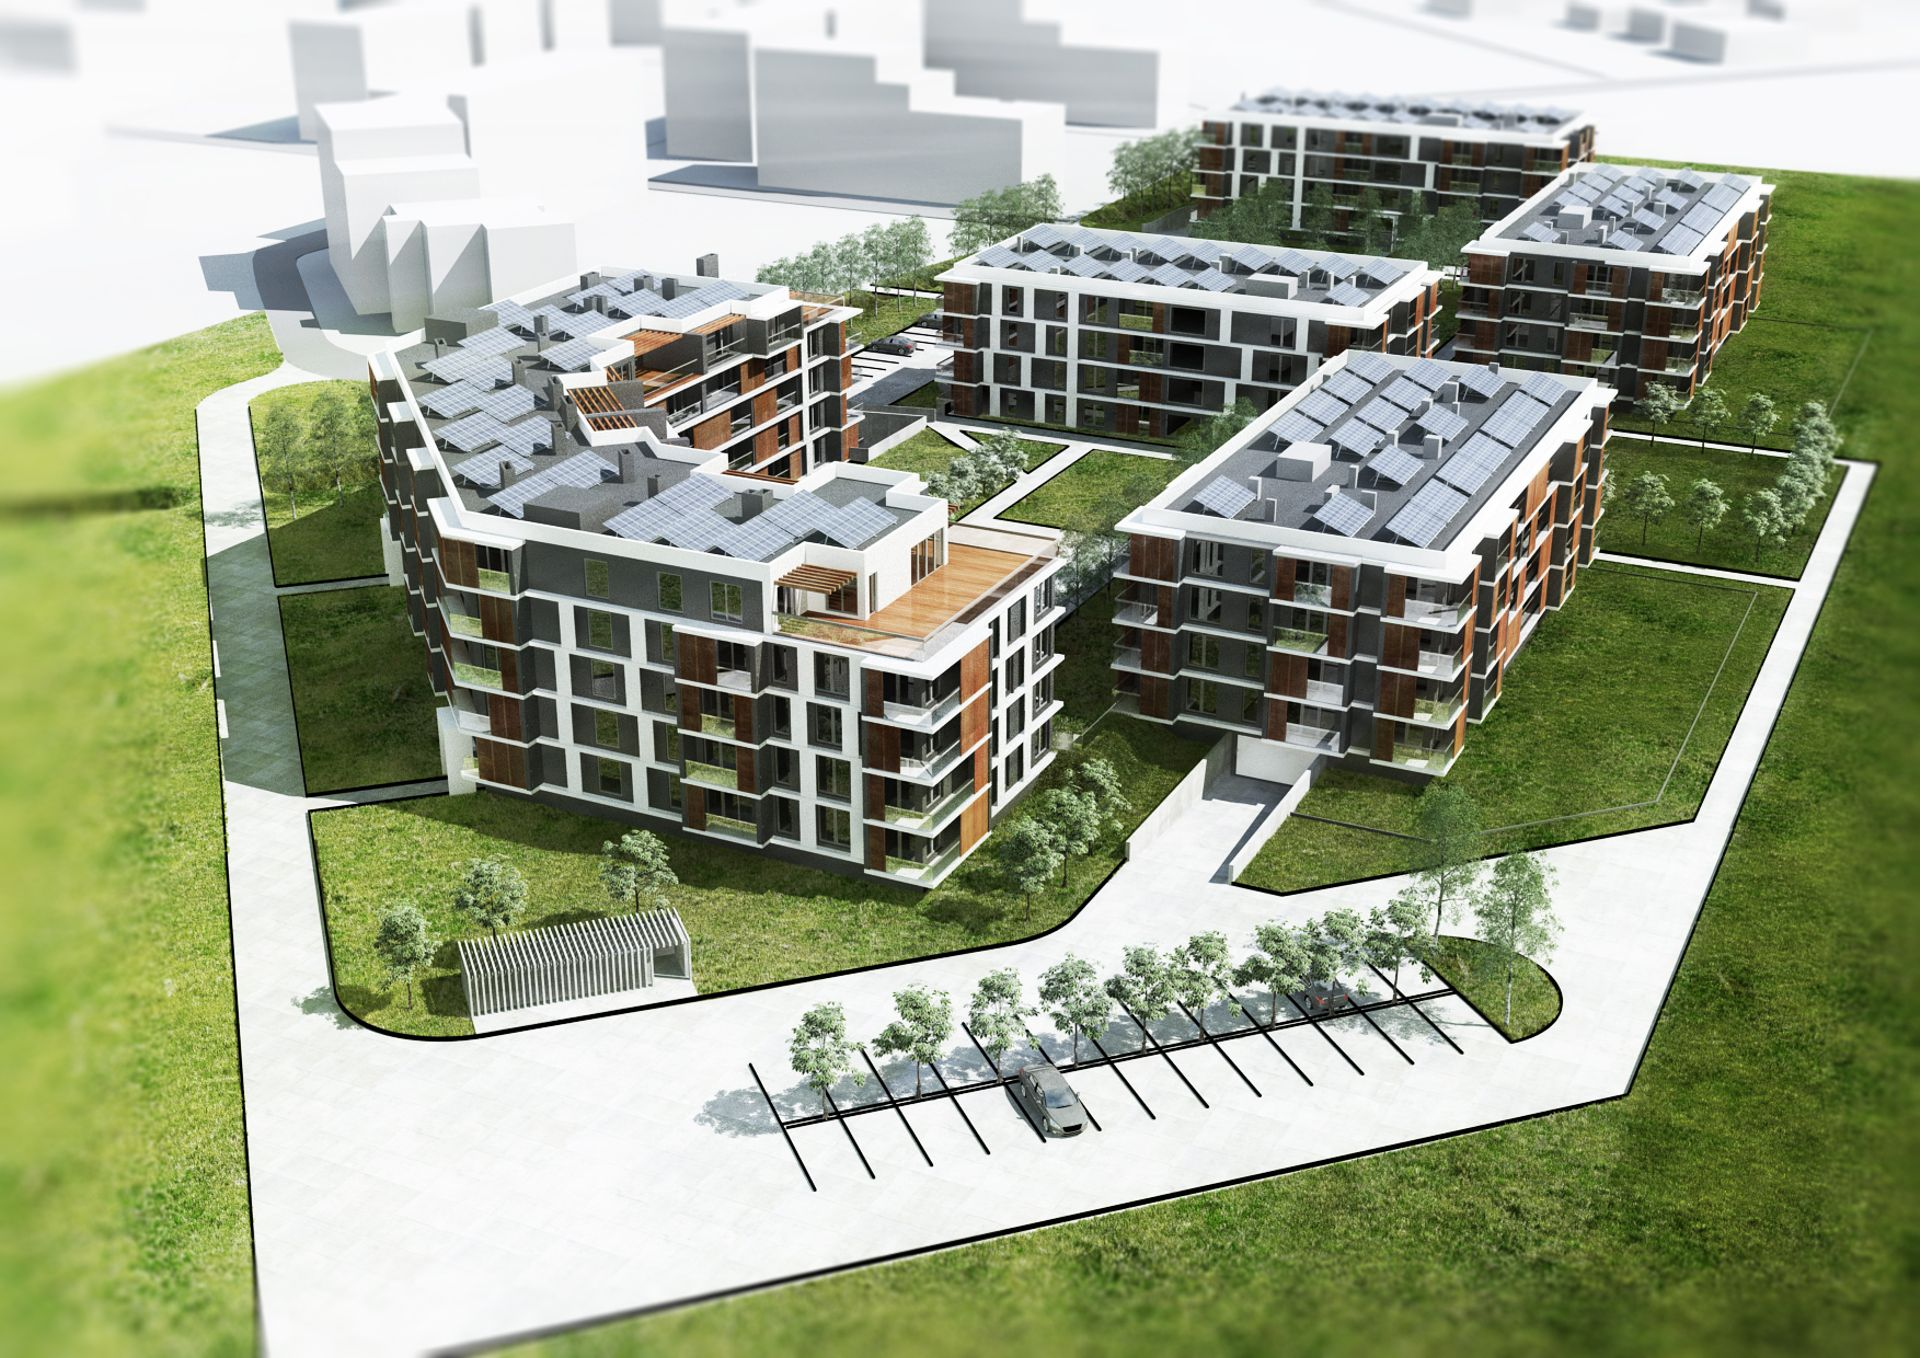 Wrocław: Spółdzielnia mieszkaniowa buduje po latach ponad sto mieszkań na Kuźnikach